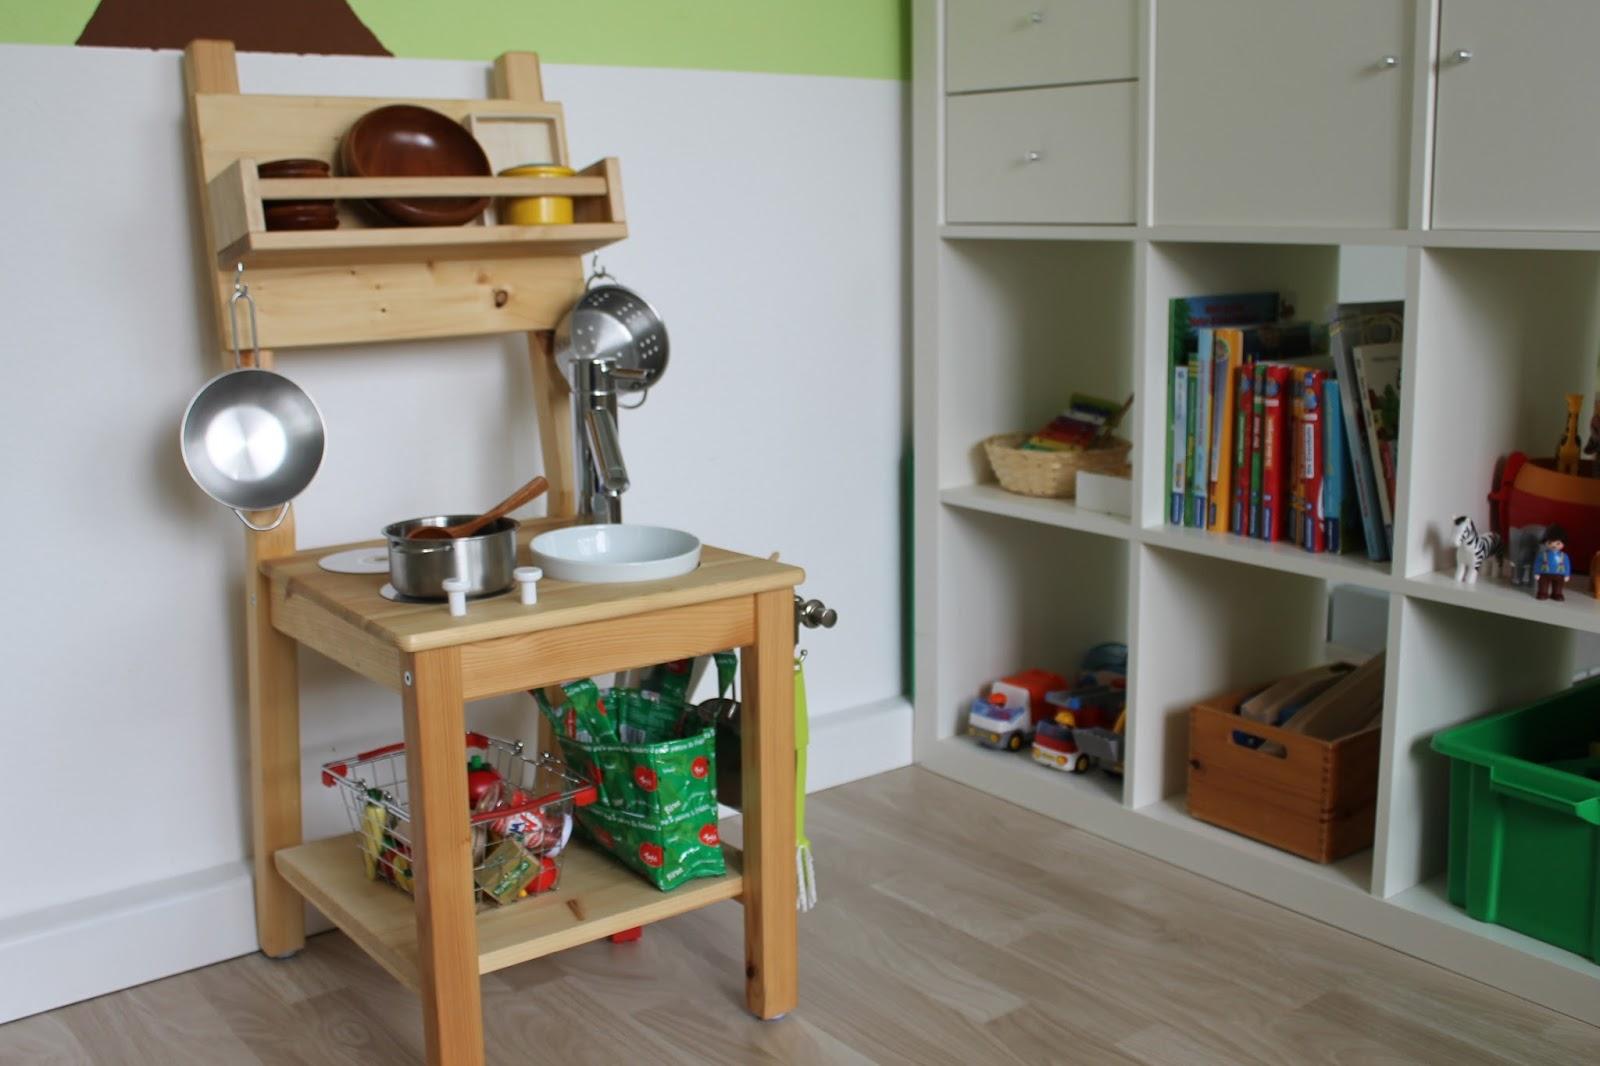 Outdoor Küche Bauplan : Outdoor küche für kinder selber bauen outdoor küche bauplan